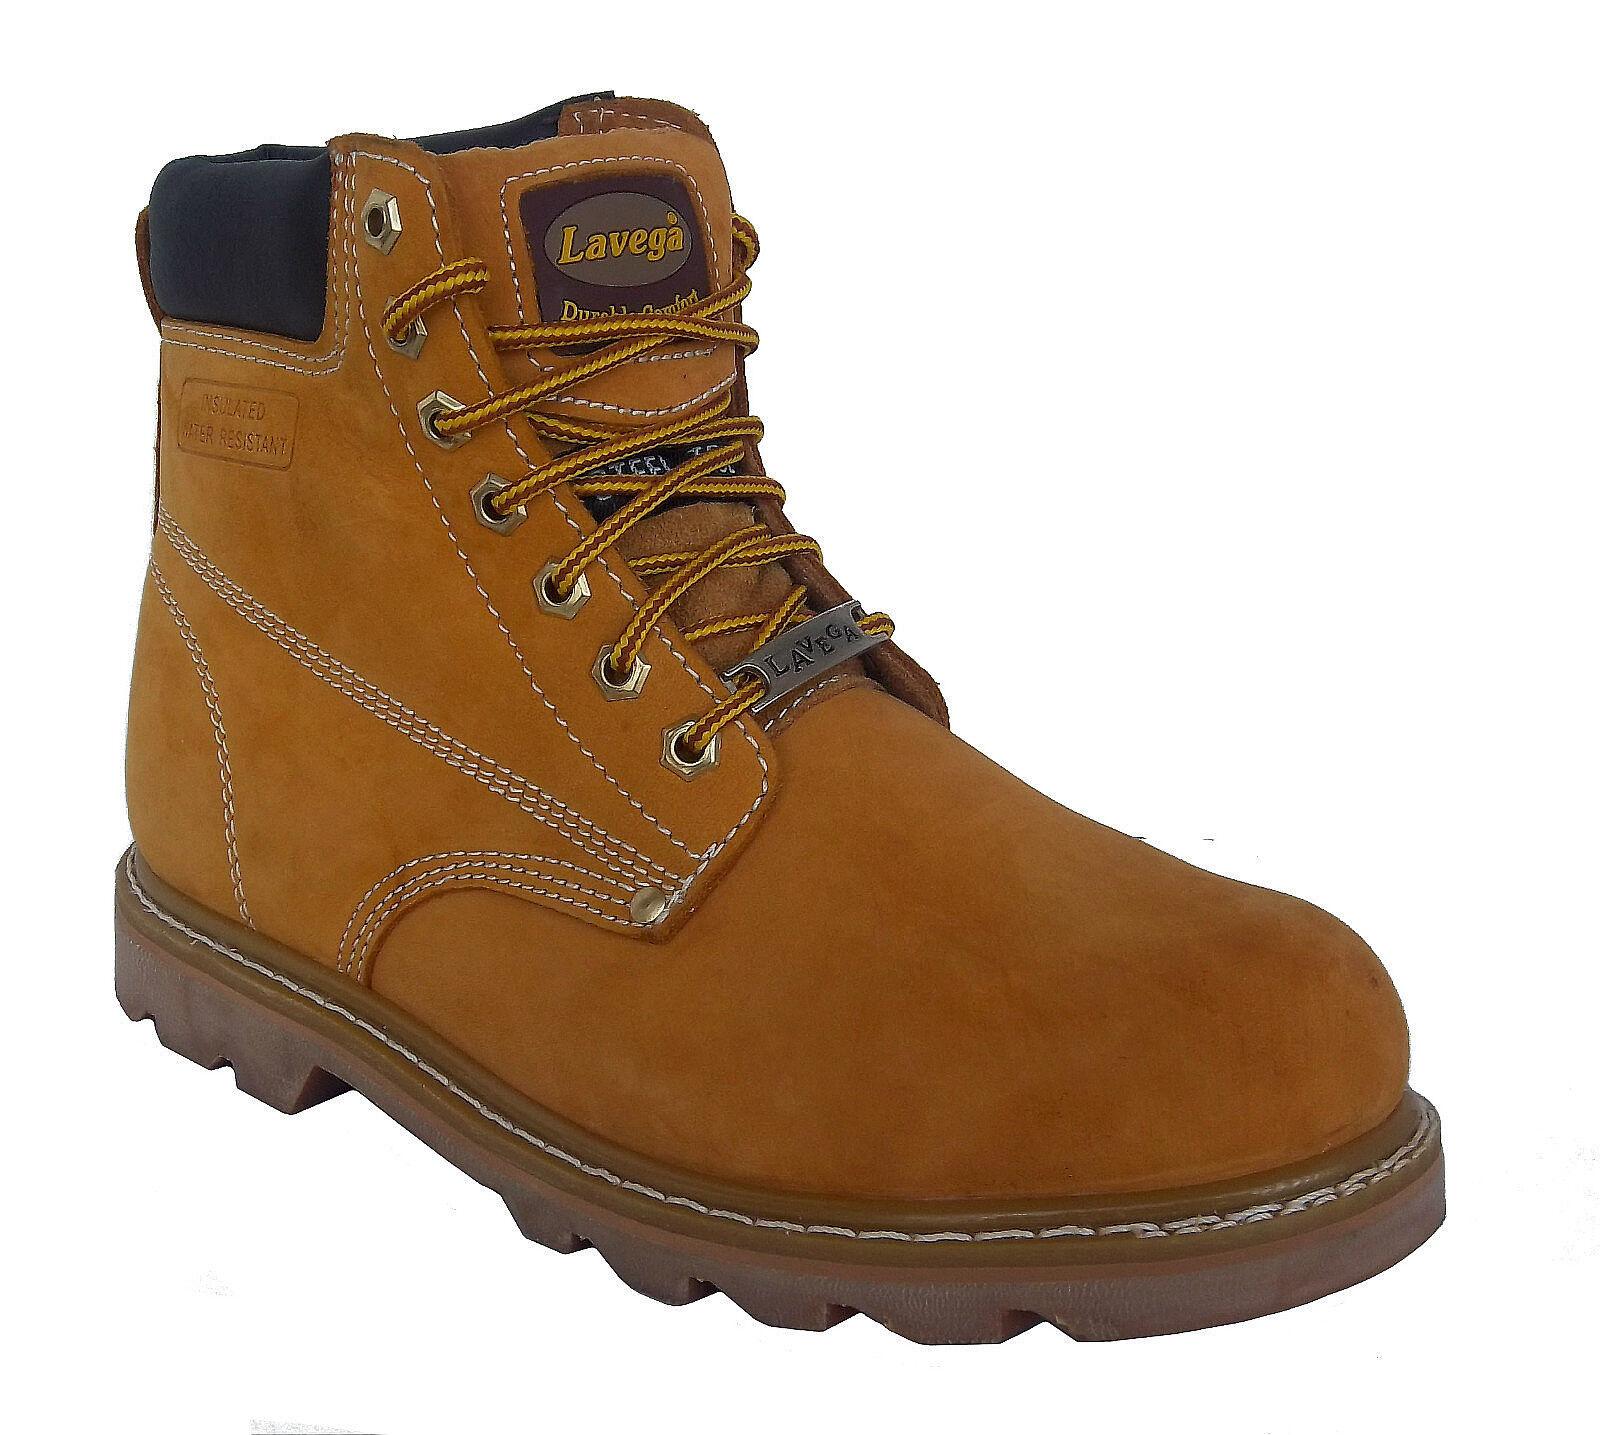 La Vega 8632 Mens Tan Leather Insulated Non Slip Steel Toe Work Stiefel